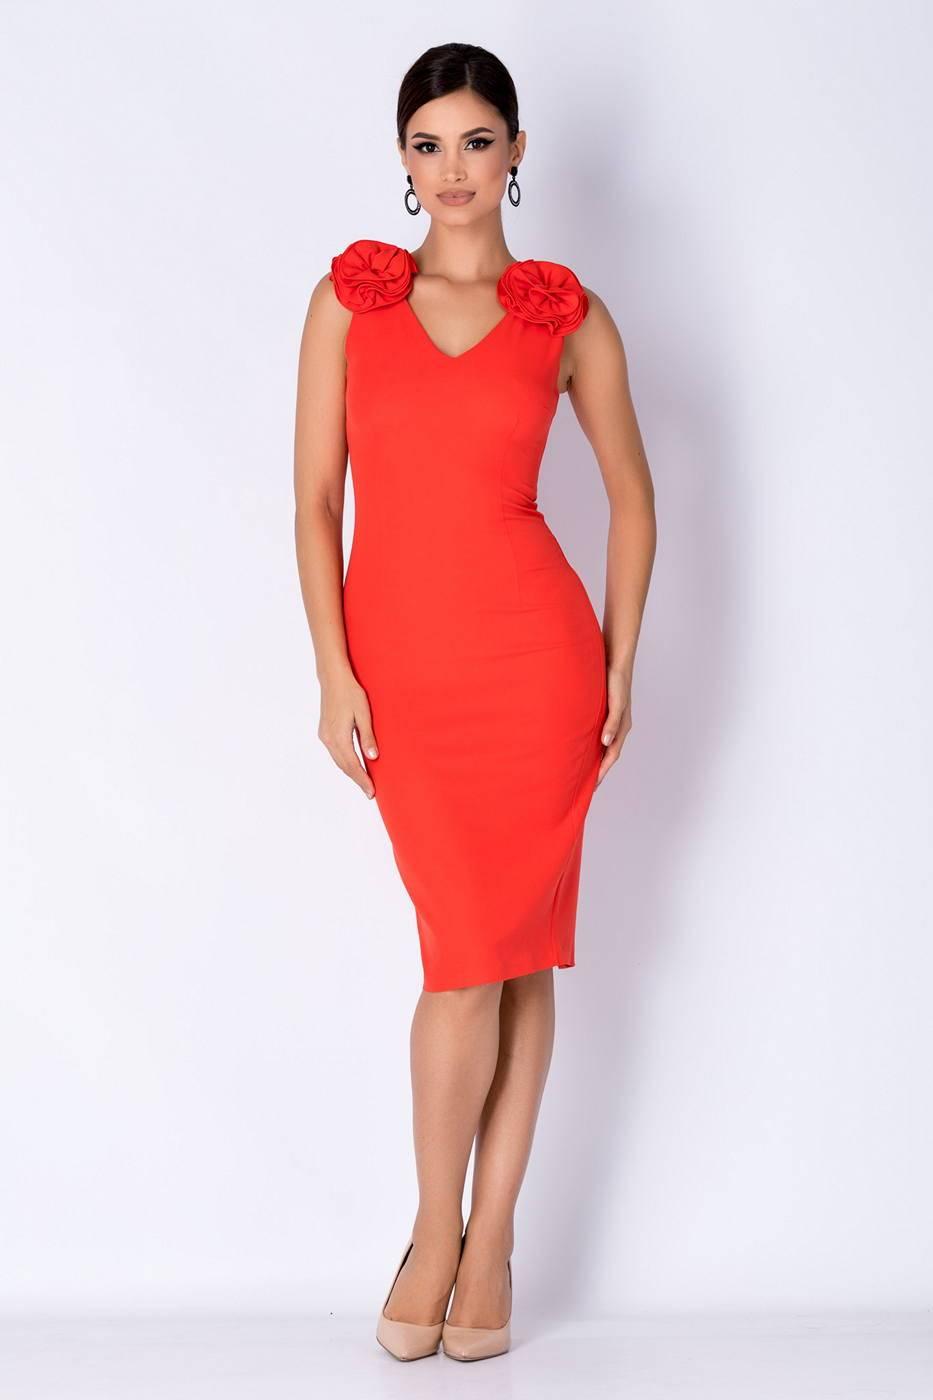 Xelena Κοραλί Φόρεμα 1369